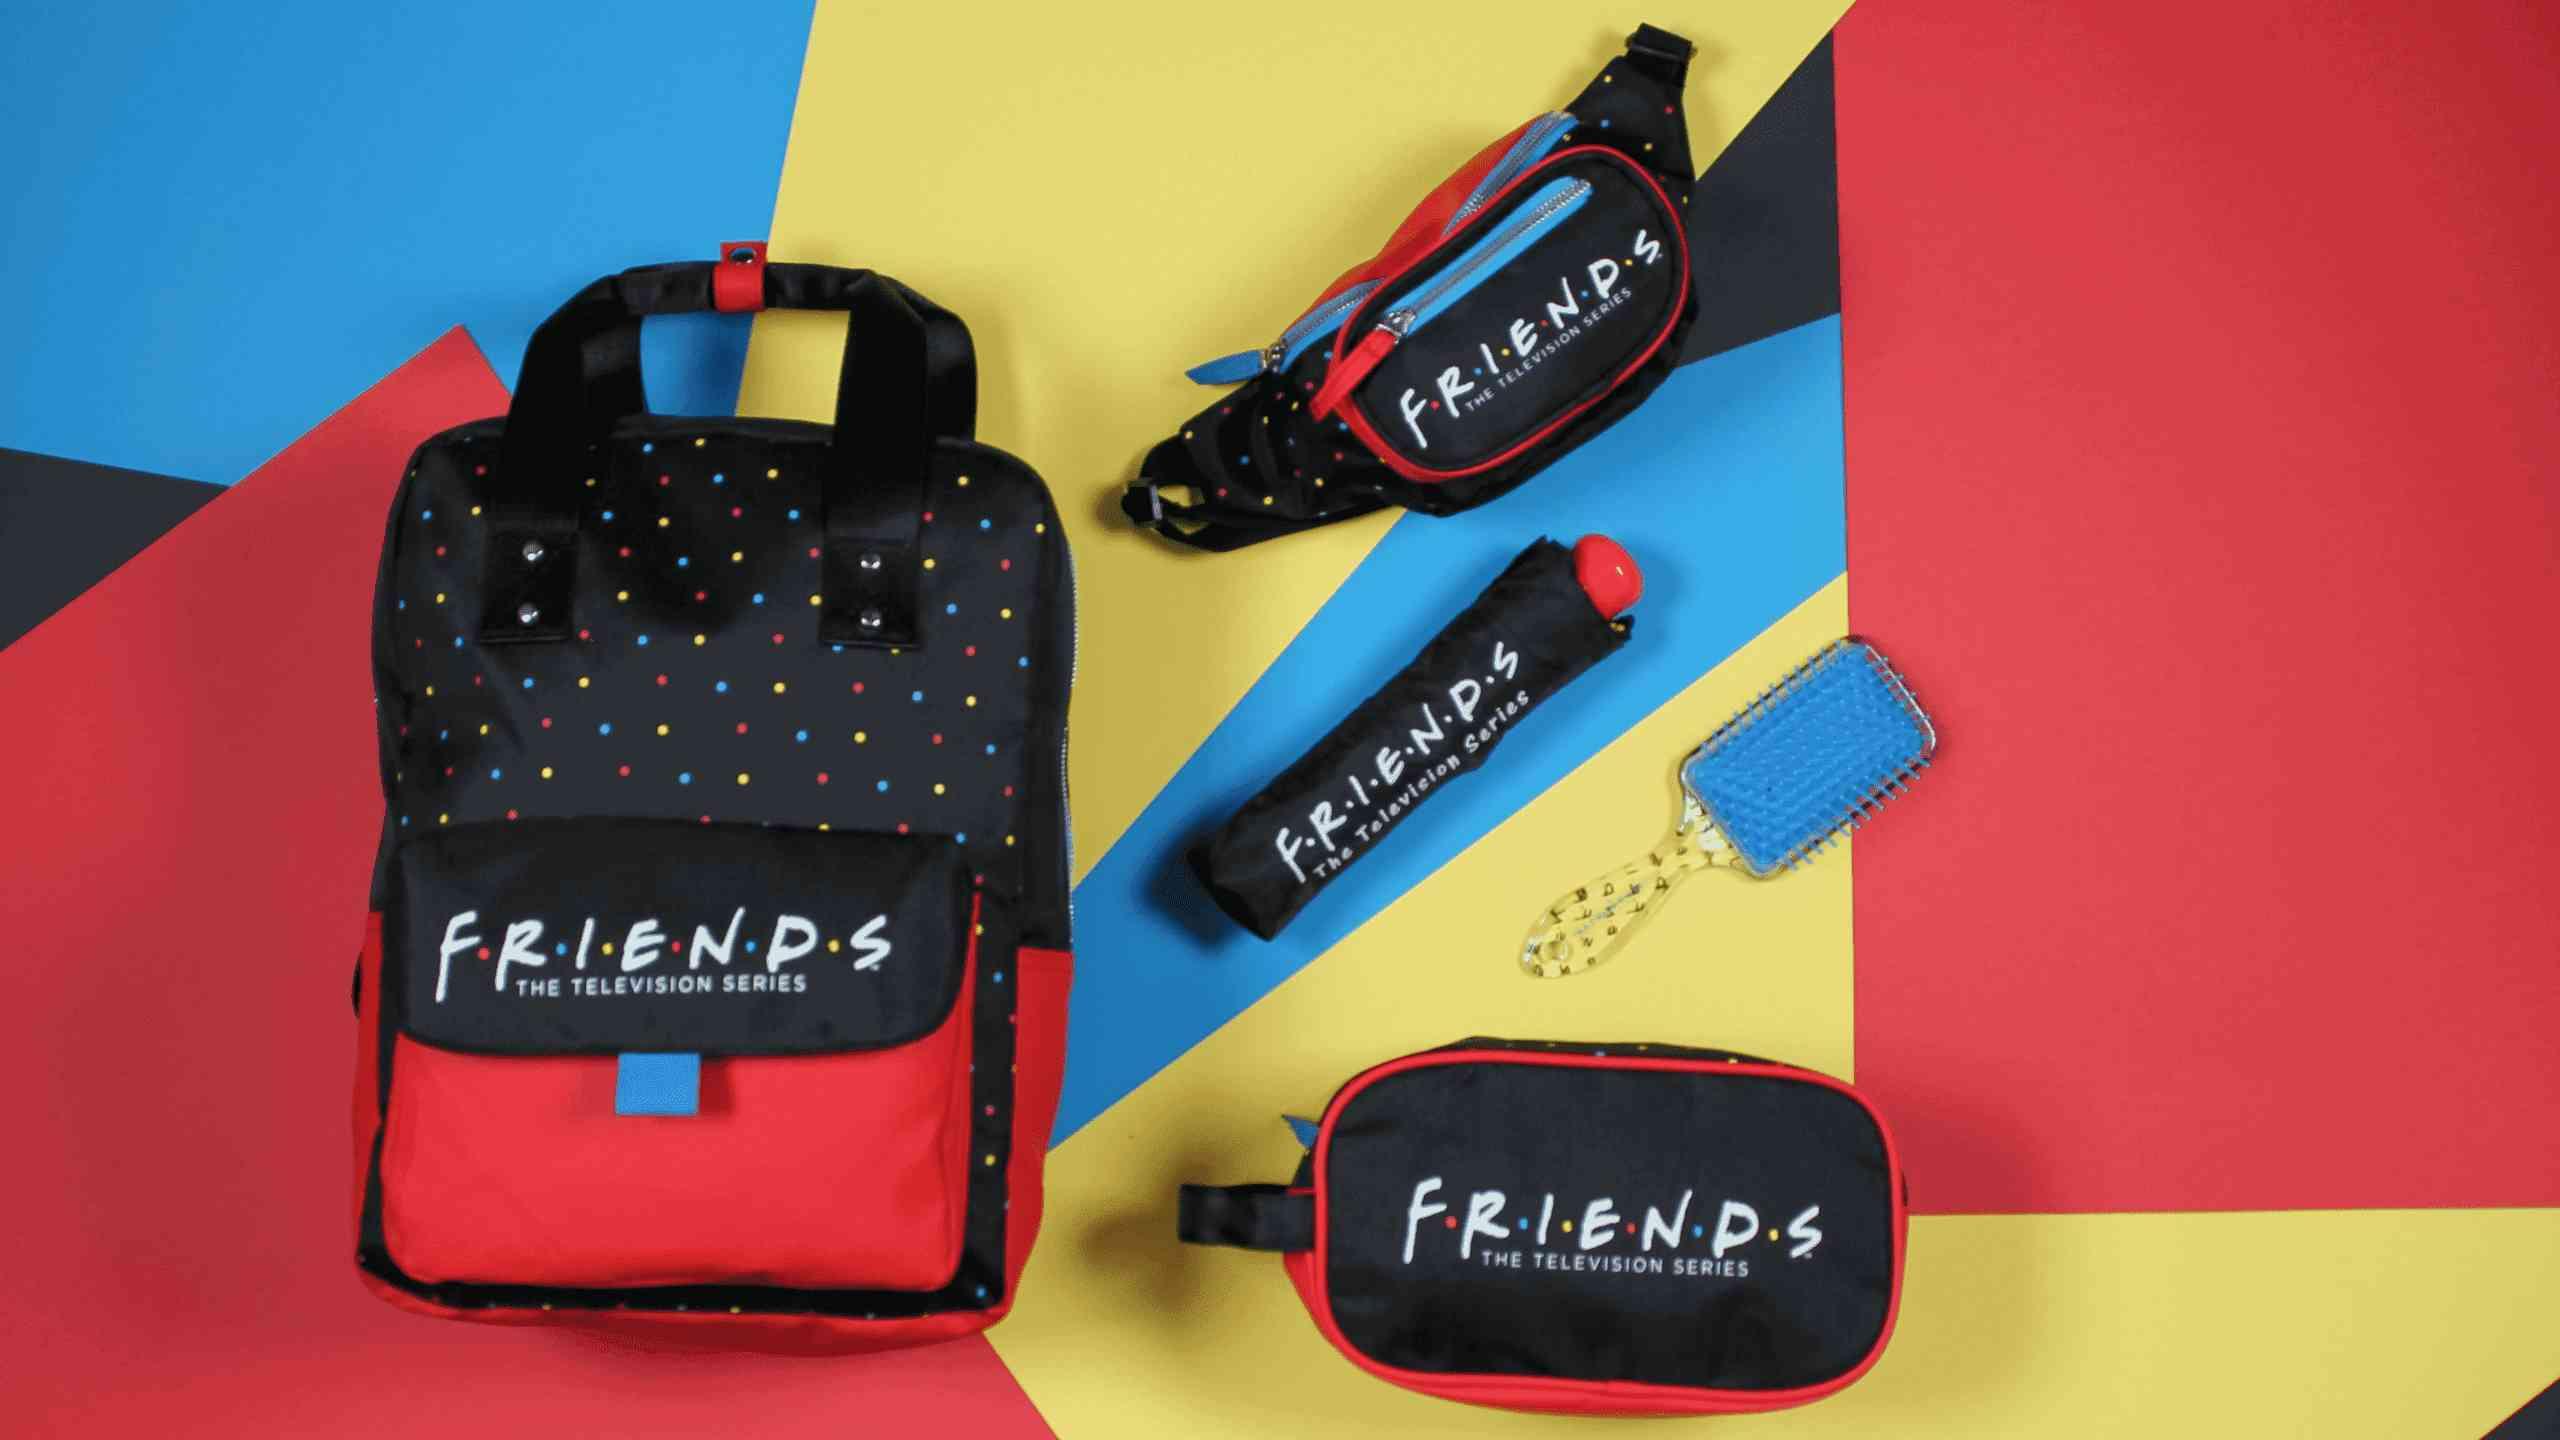 Productos Friends. Para los fans de la serie más icónica del siglo